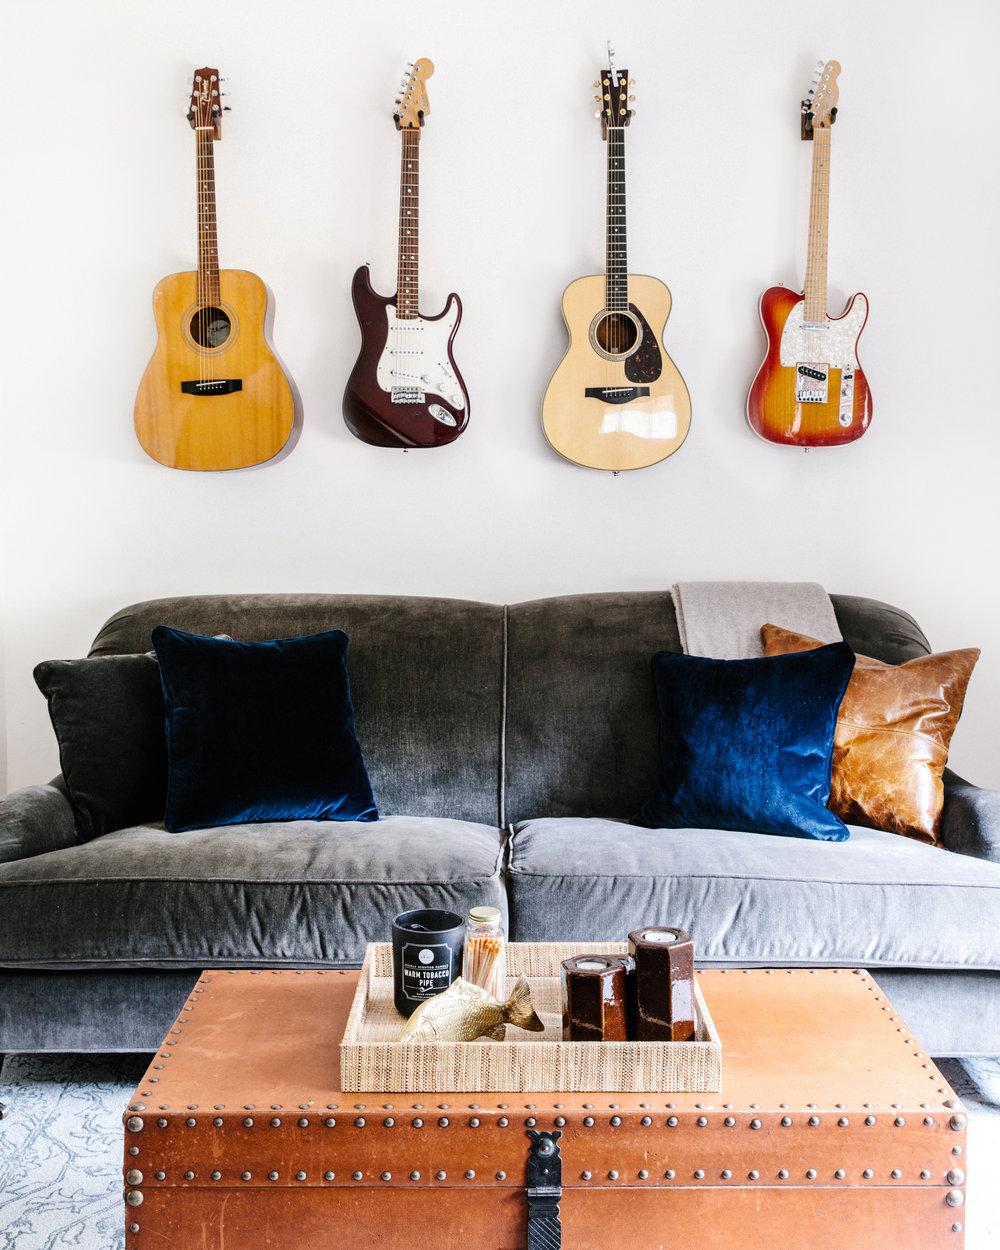 Bachelor Pad Guitar Display